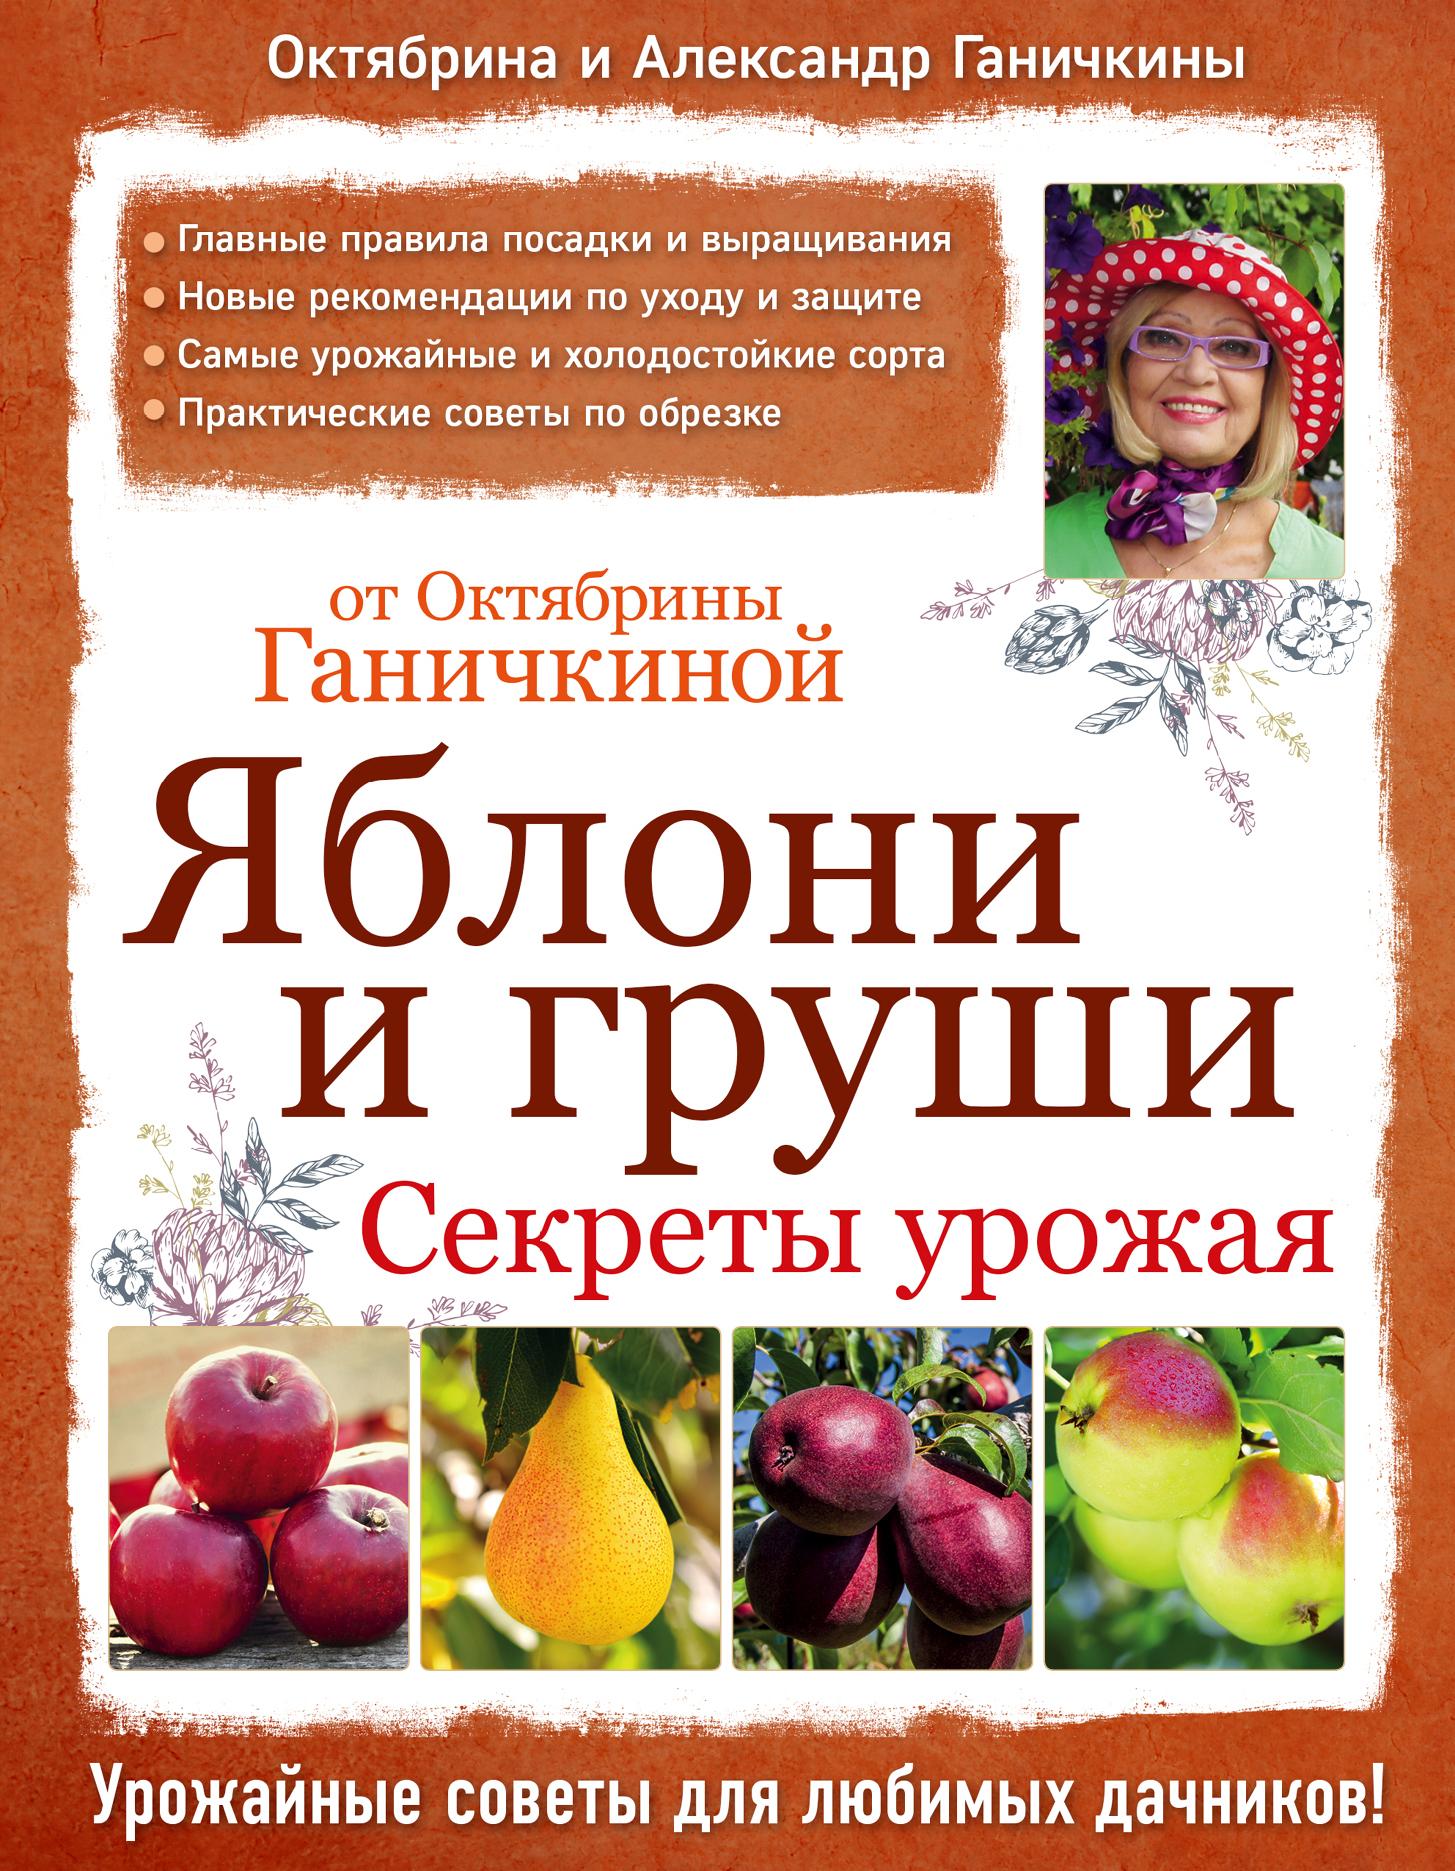 Октябрина Ганичкина Яблони и груши: секреты урожая от Октябрины Ганичкиной токарева е ред умная раскраска ру 16002 кунг фу панда 3